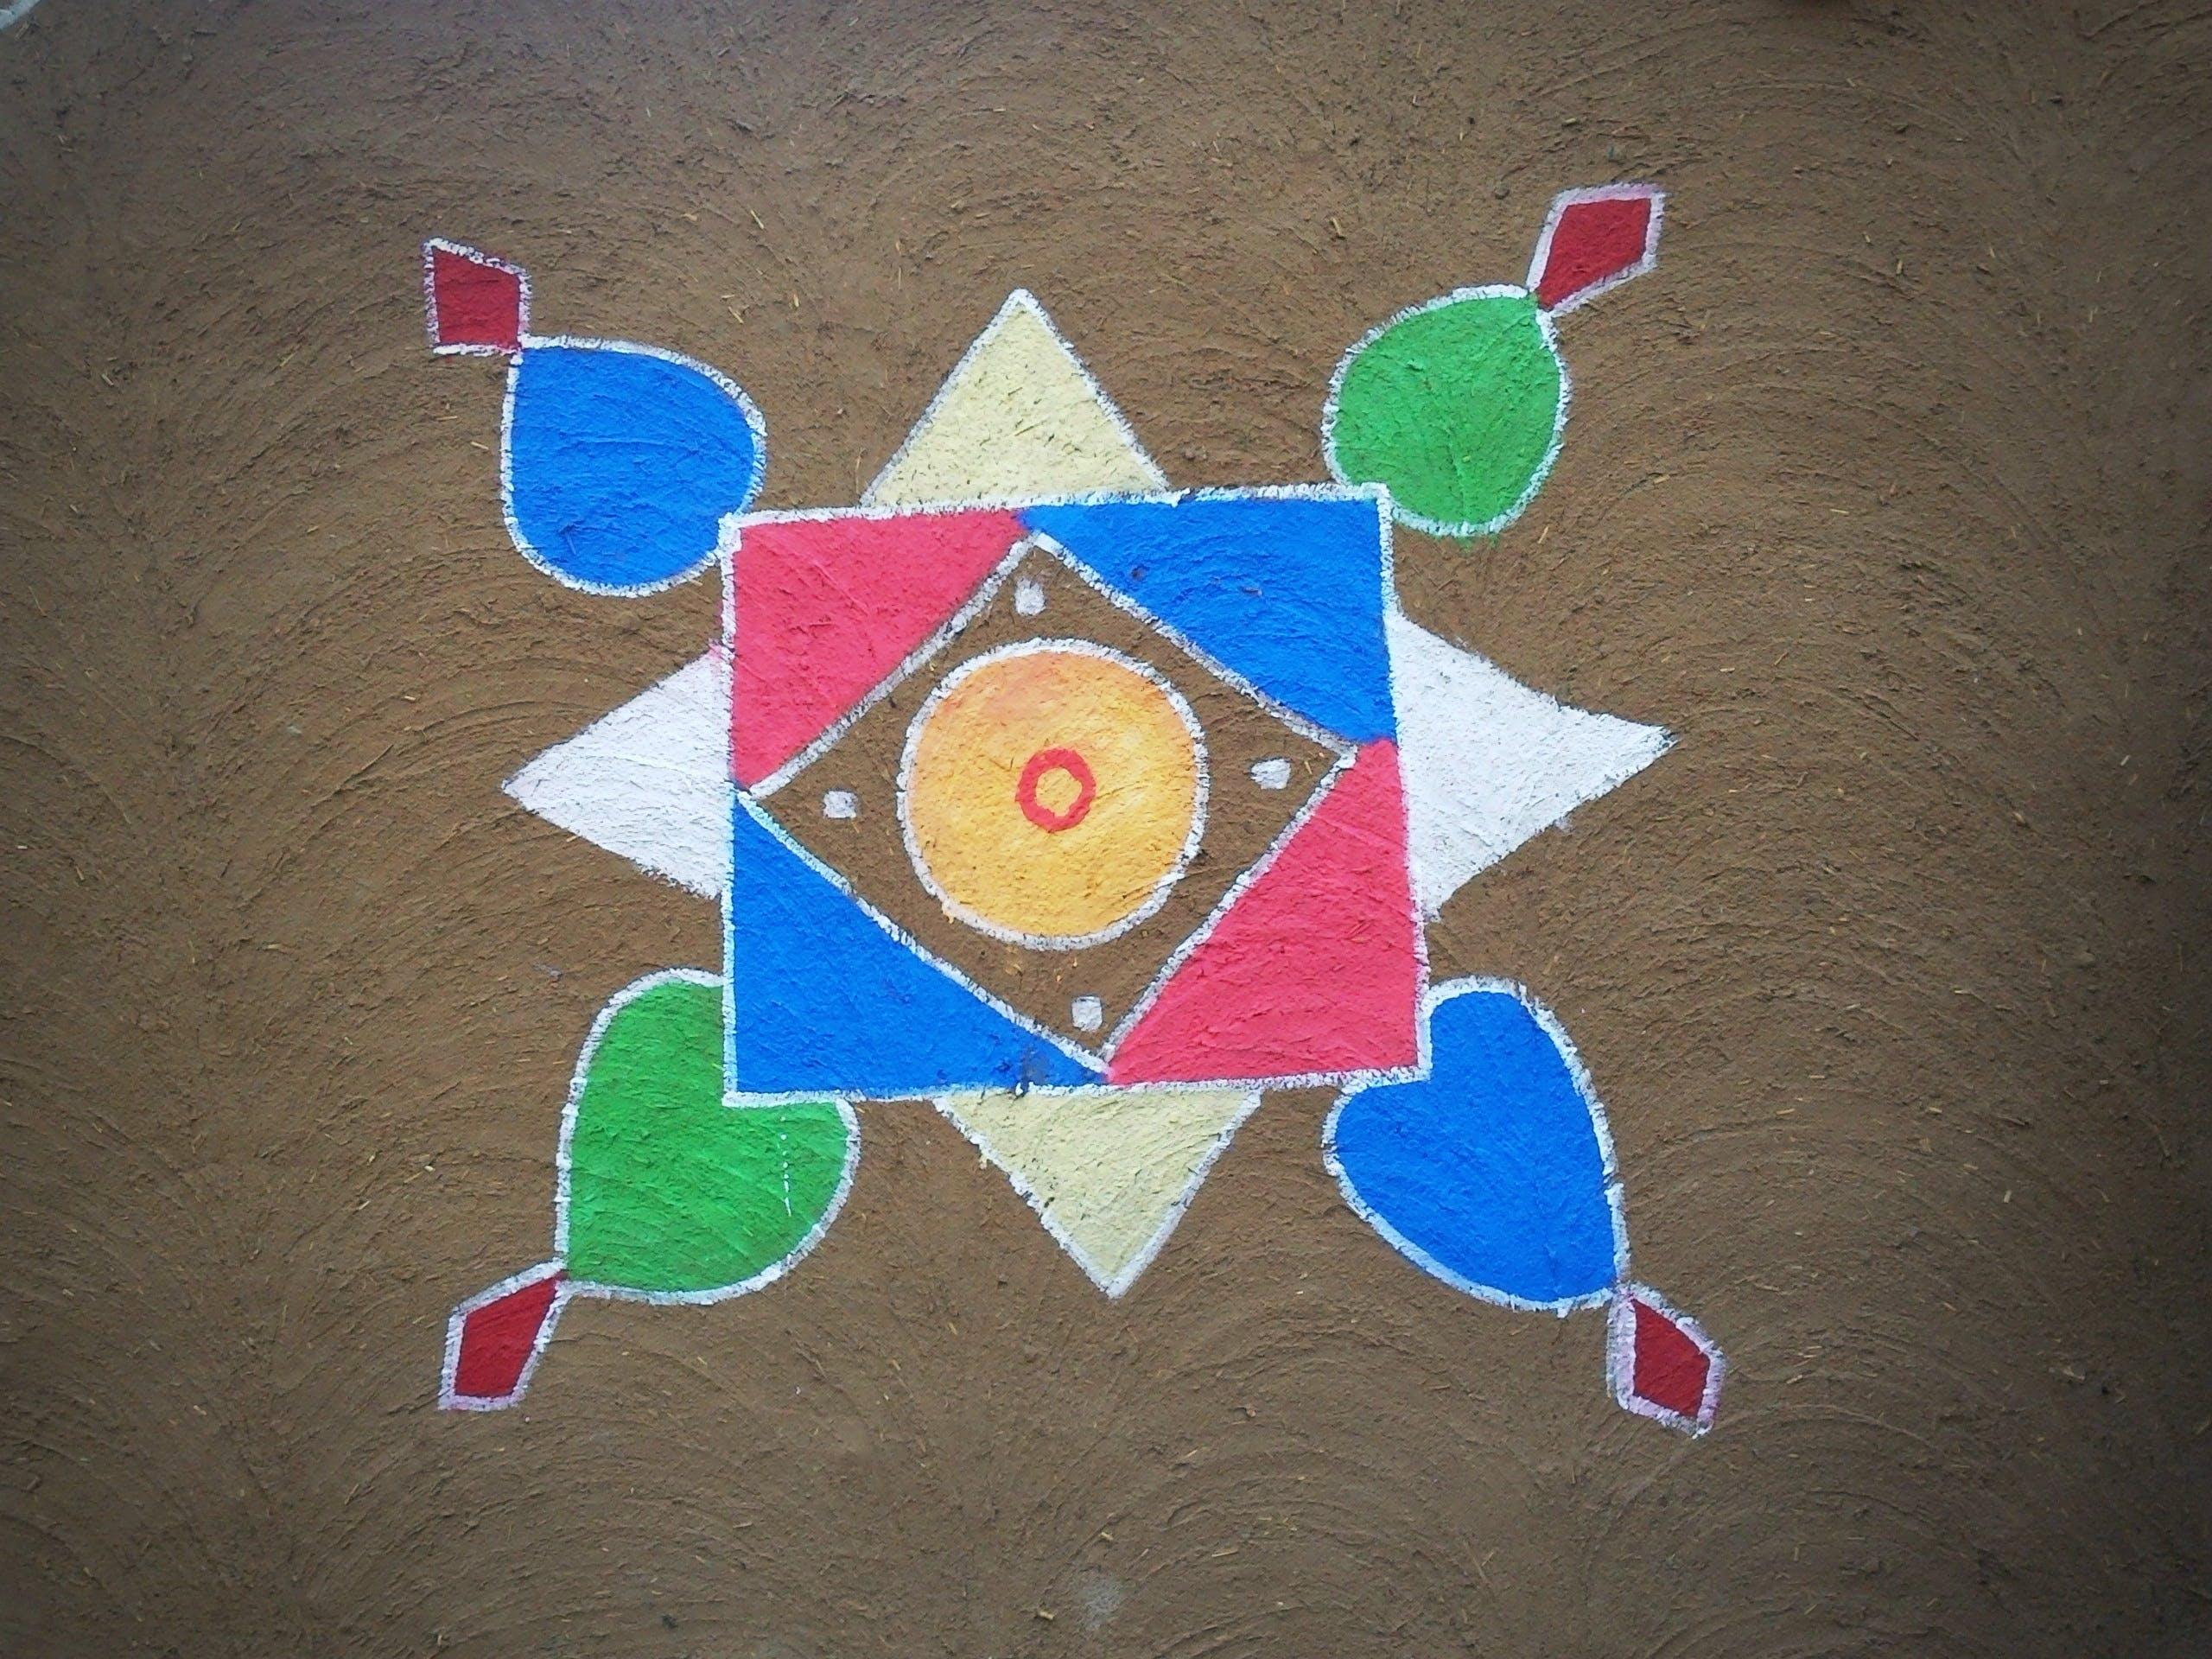 Fotos de stock gratuitas de Arte, arte callejero, artesanía, colorido